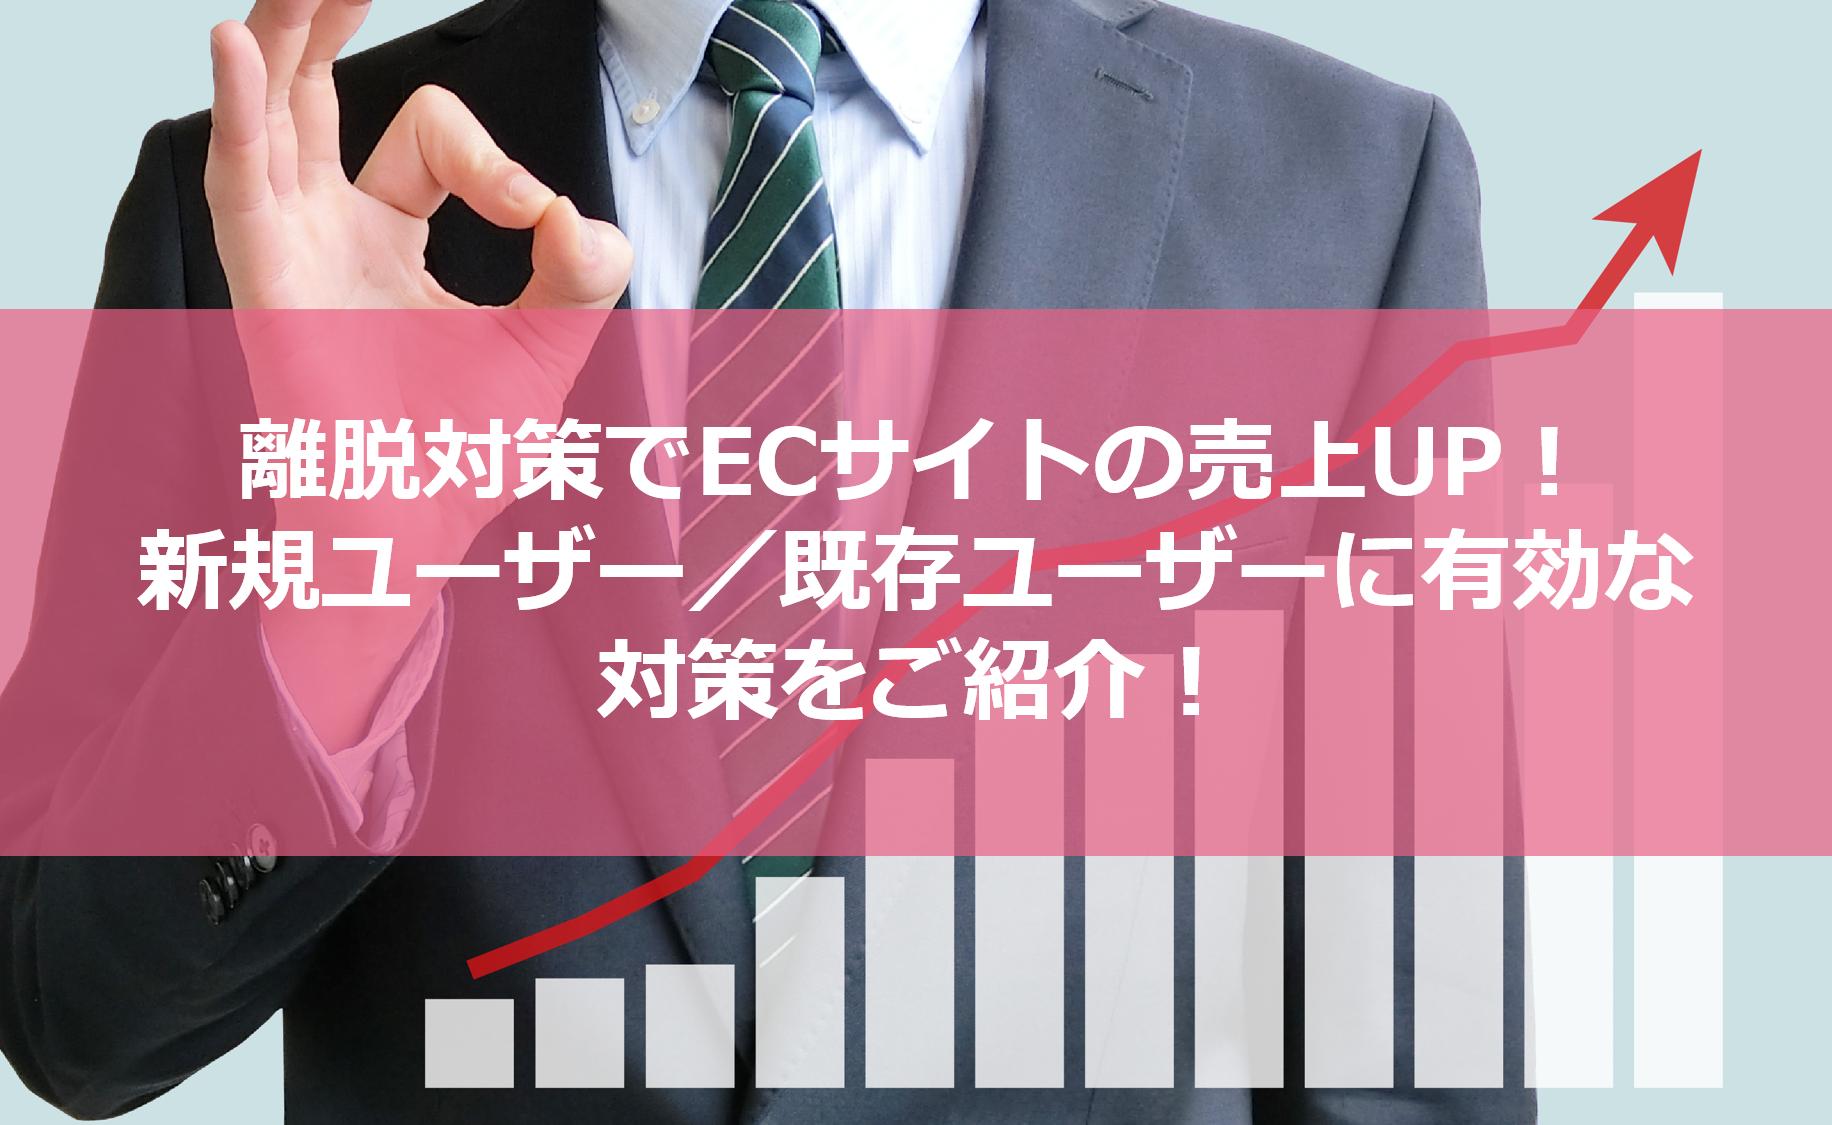 離脱対策でECサイトの売上UP!新規ユーザー/既存ユーザーに有効な対策をご紹介!